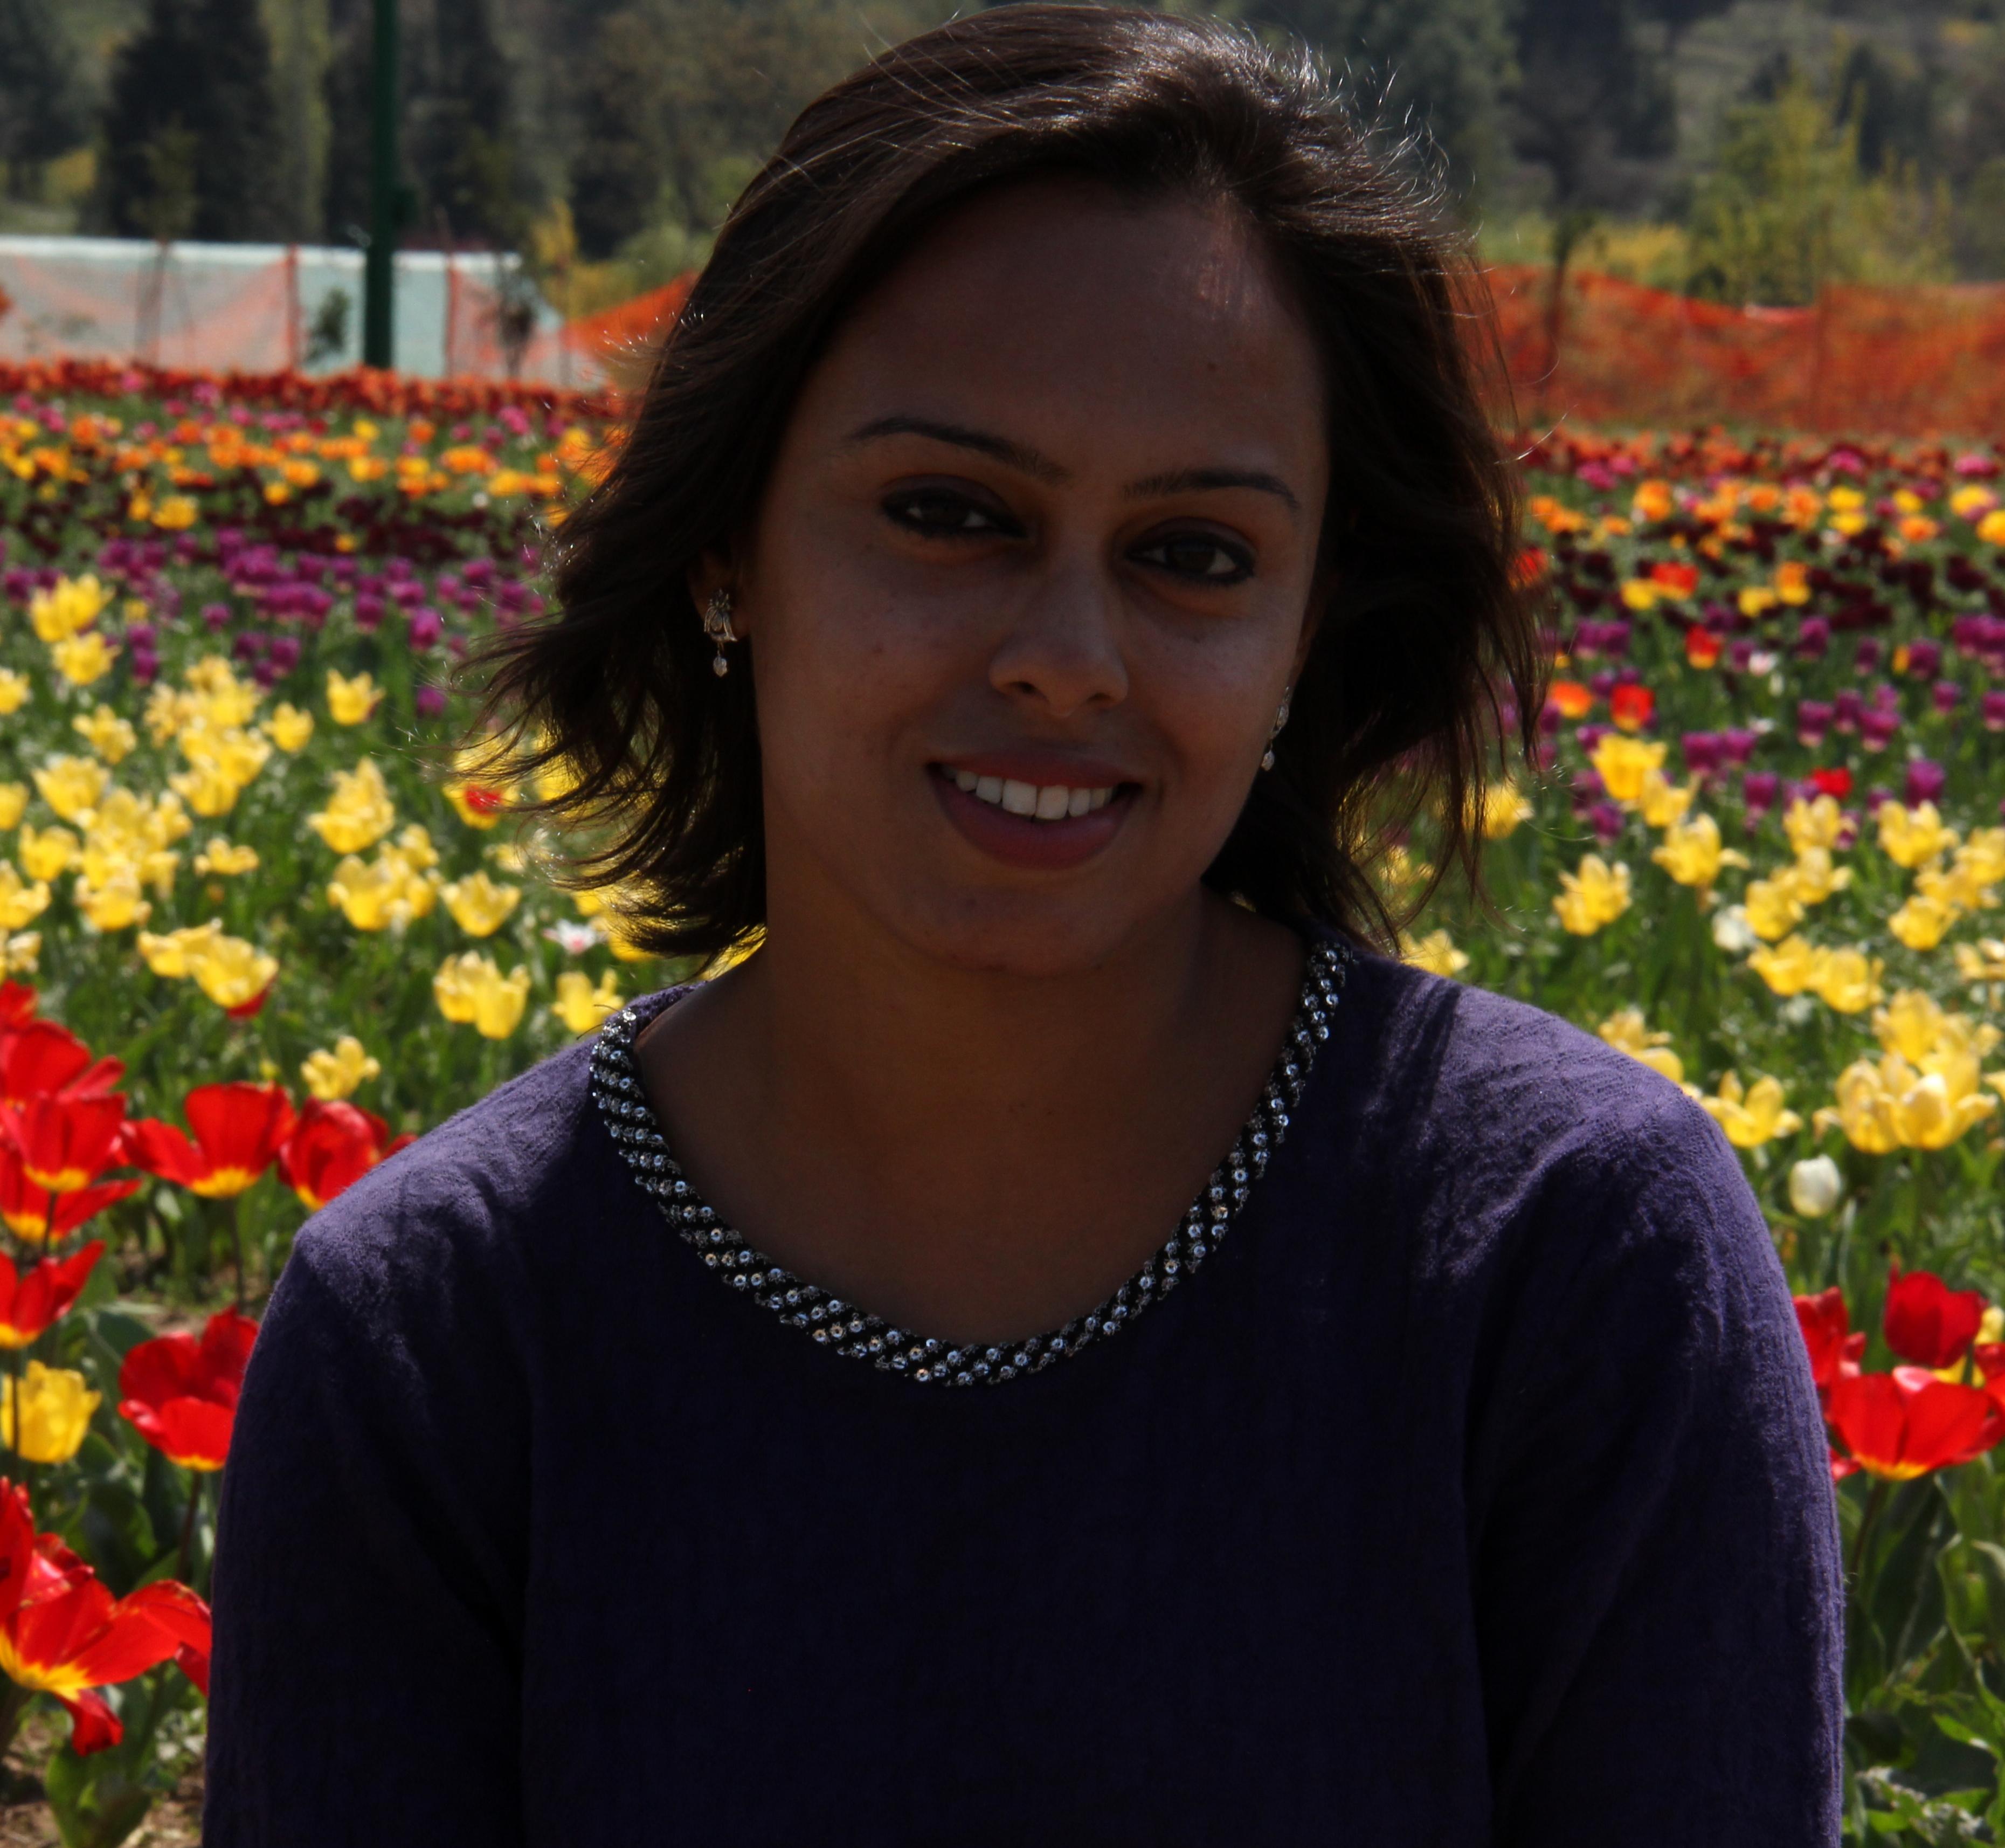 #India #Srinagar #Travelblog #Srinagartulipfestival